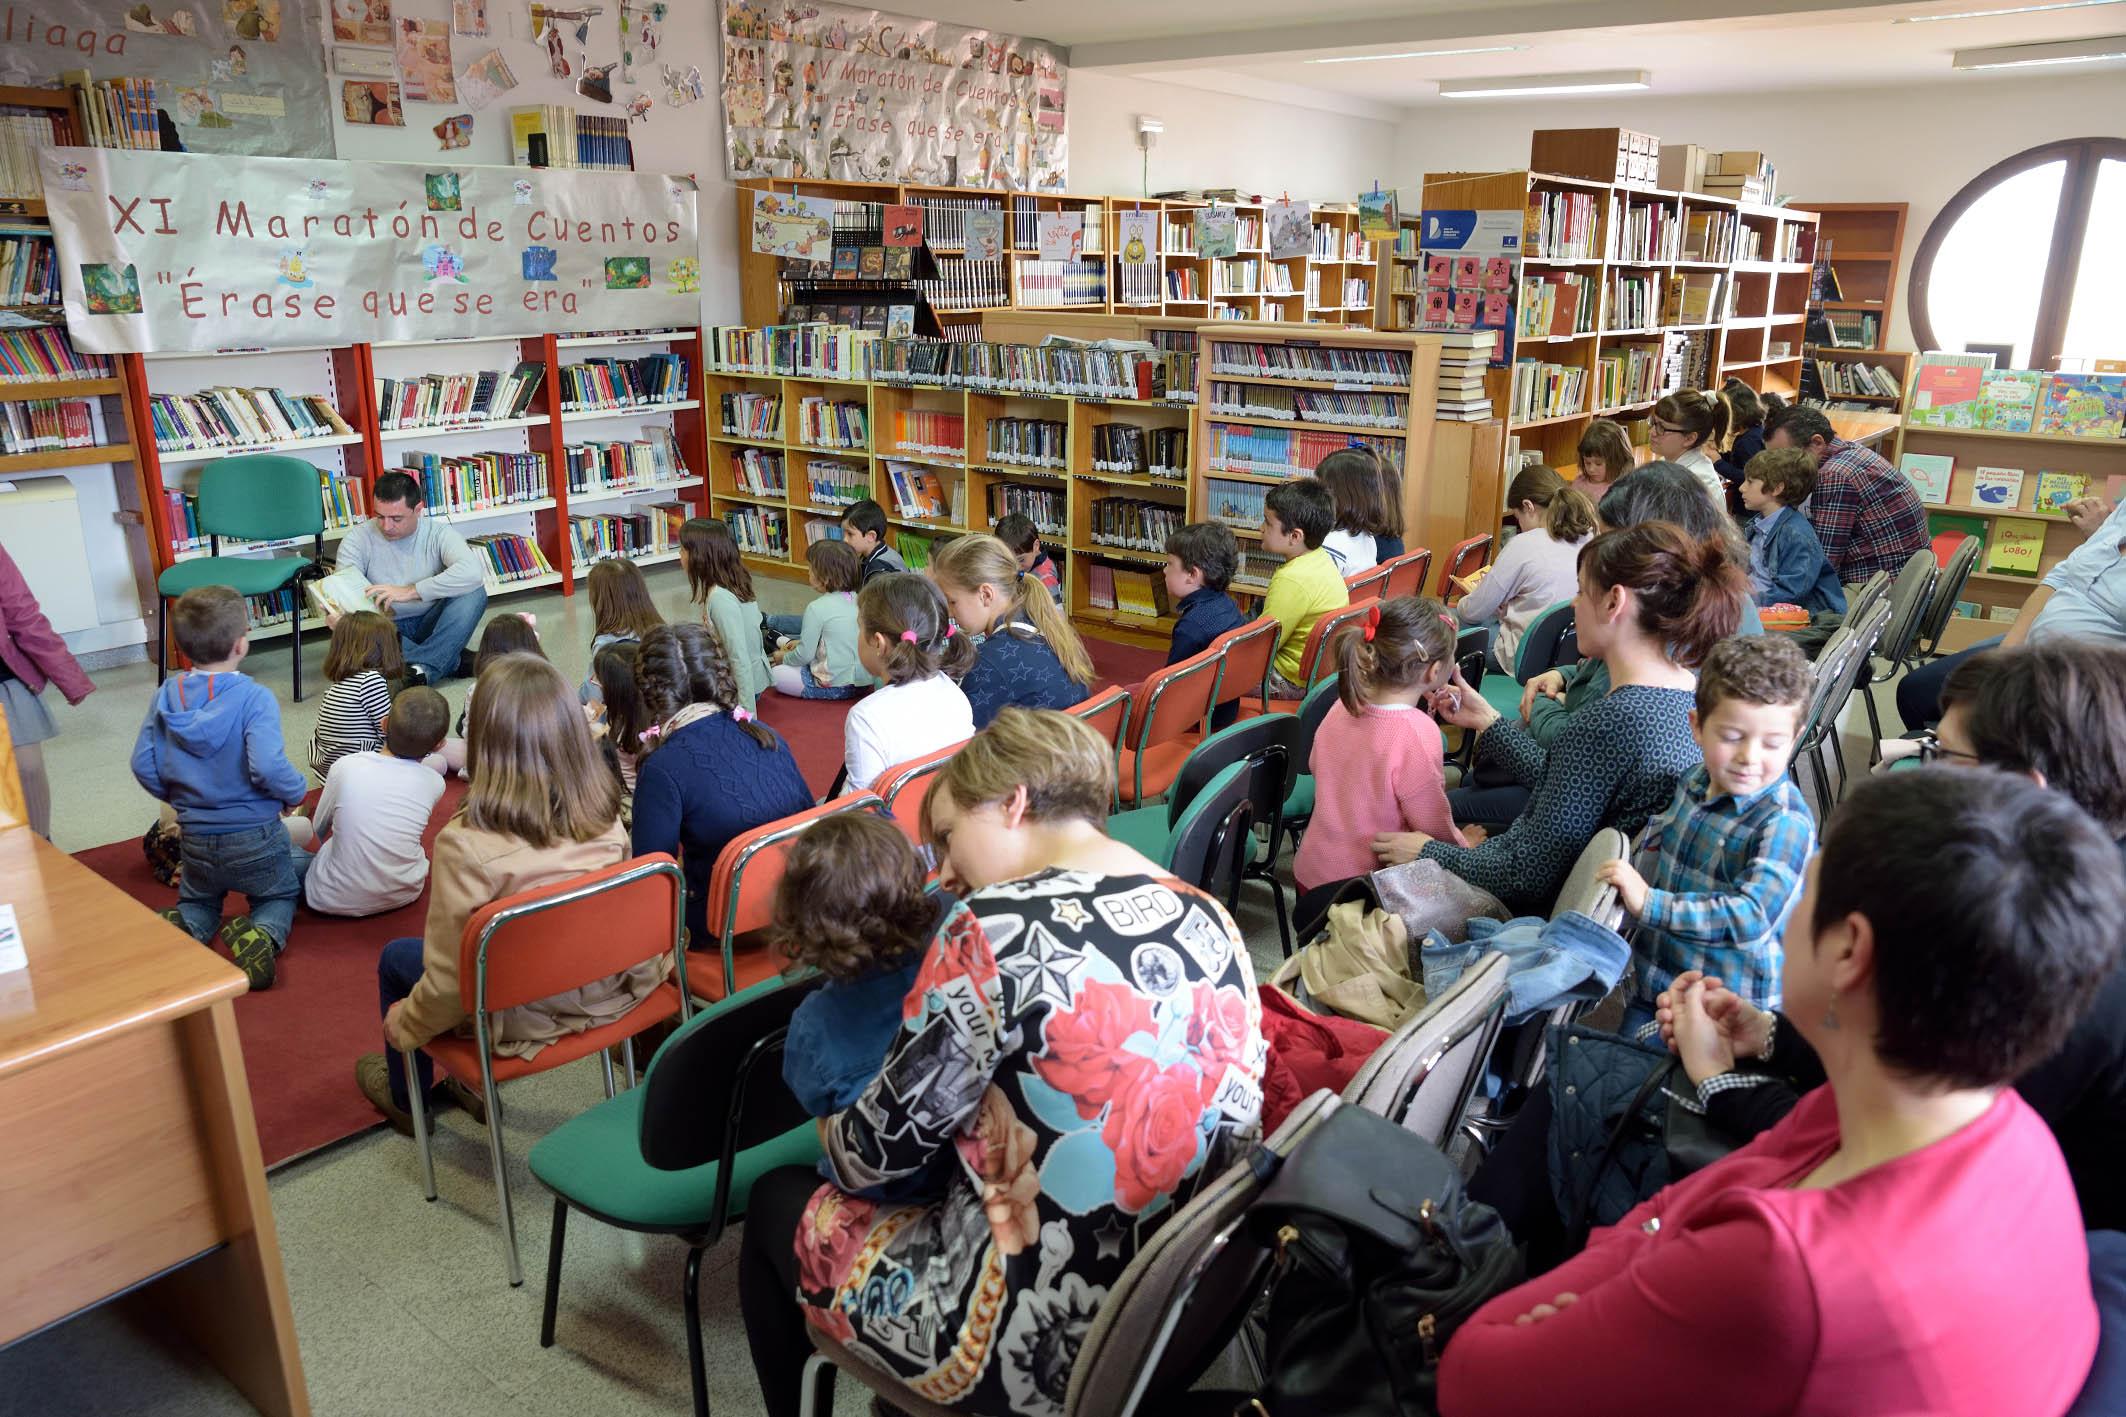 El XI Cuentacuentos 'Erase que se era' abre el mes más literario del año en Argamasilla de Alba